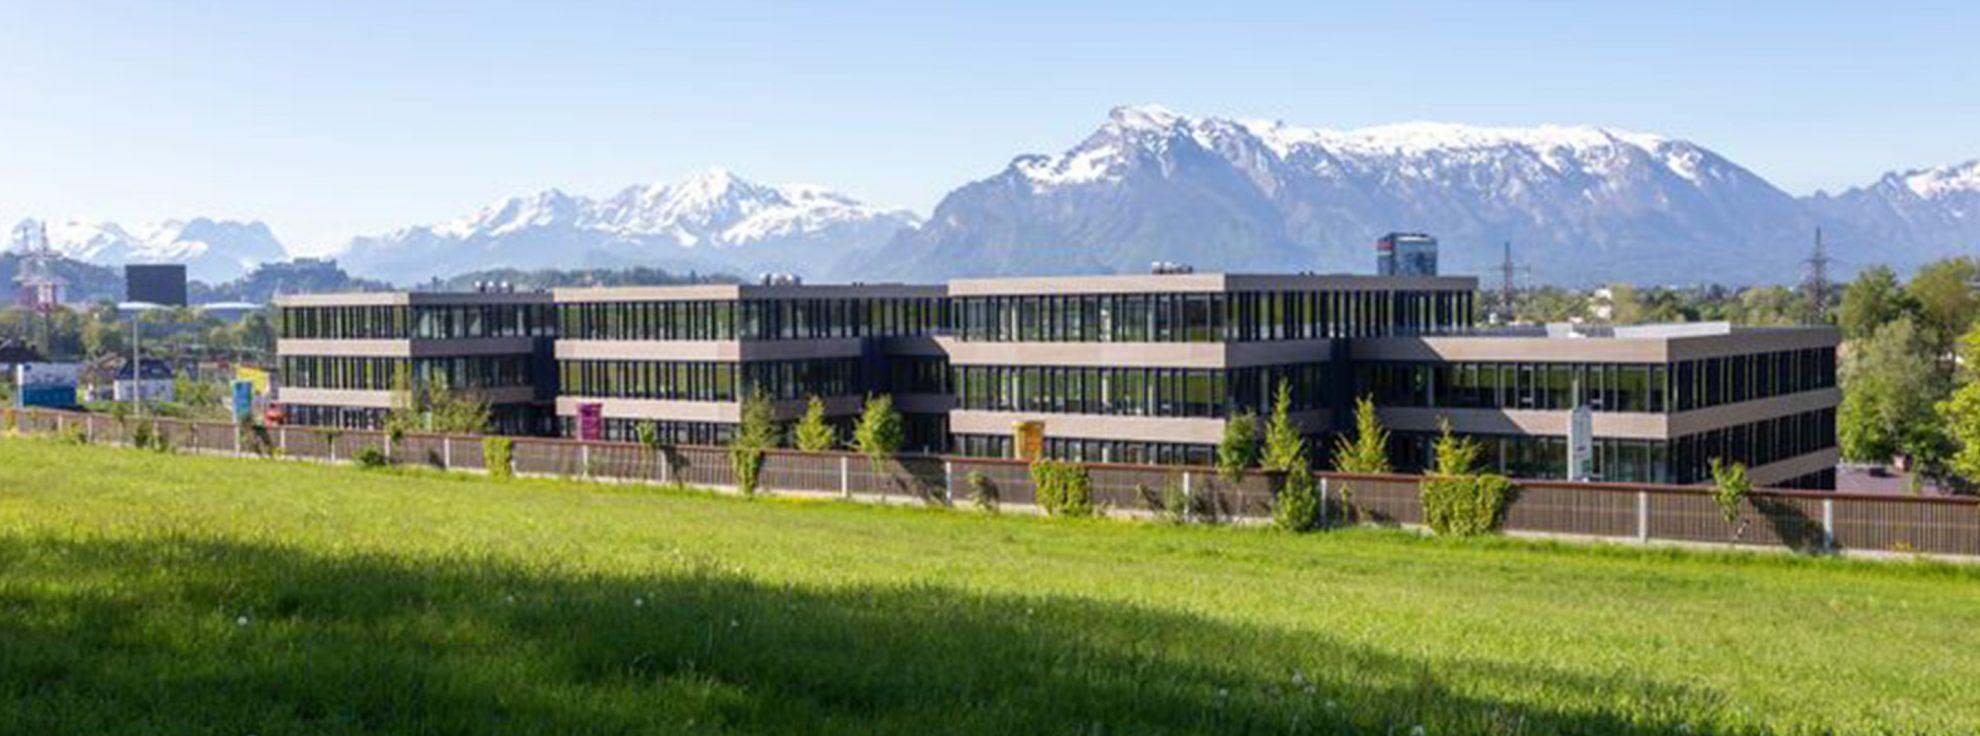 Fitnessstudio Bergheim: In Salzburg Nord gibt es ab April 2020 einen neuen Standort. MAIKAI |more than fitness